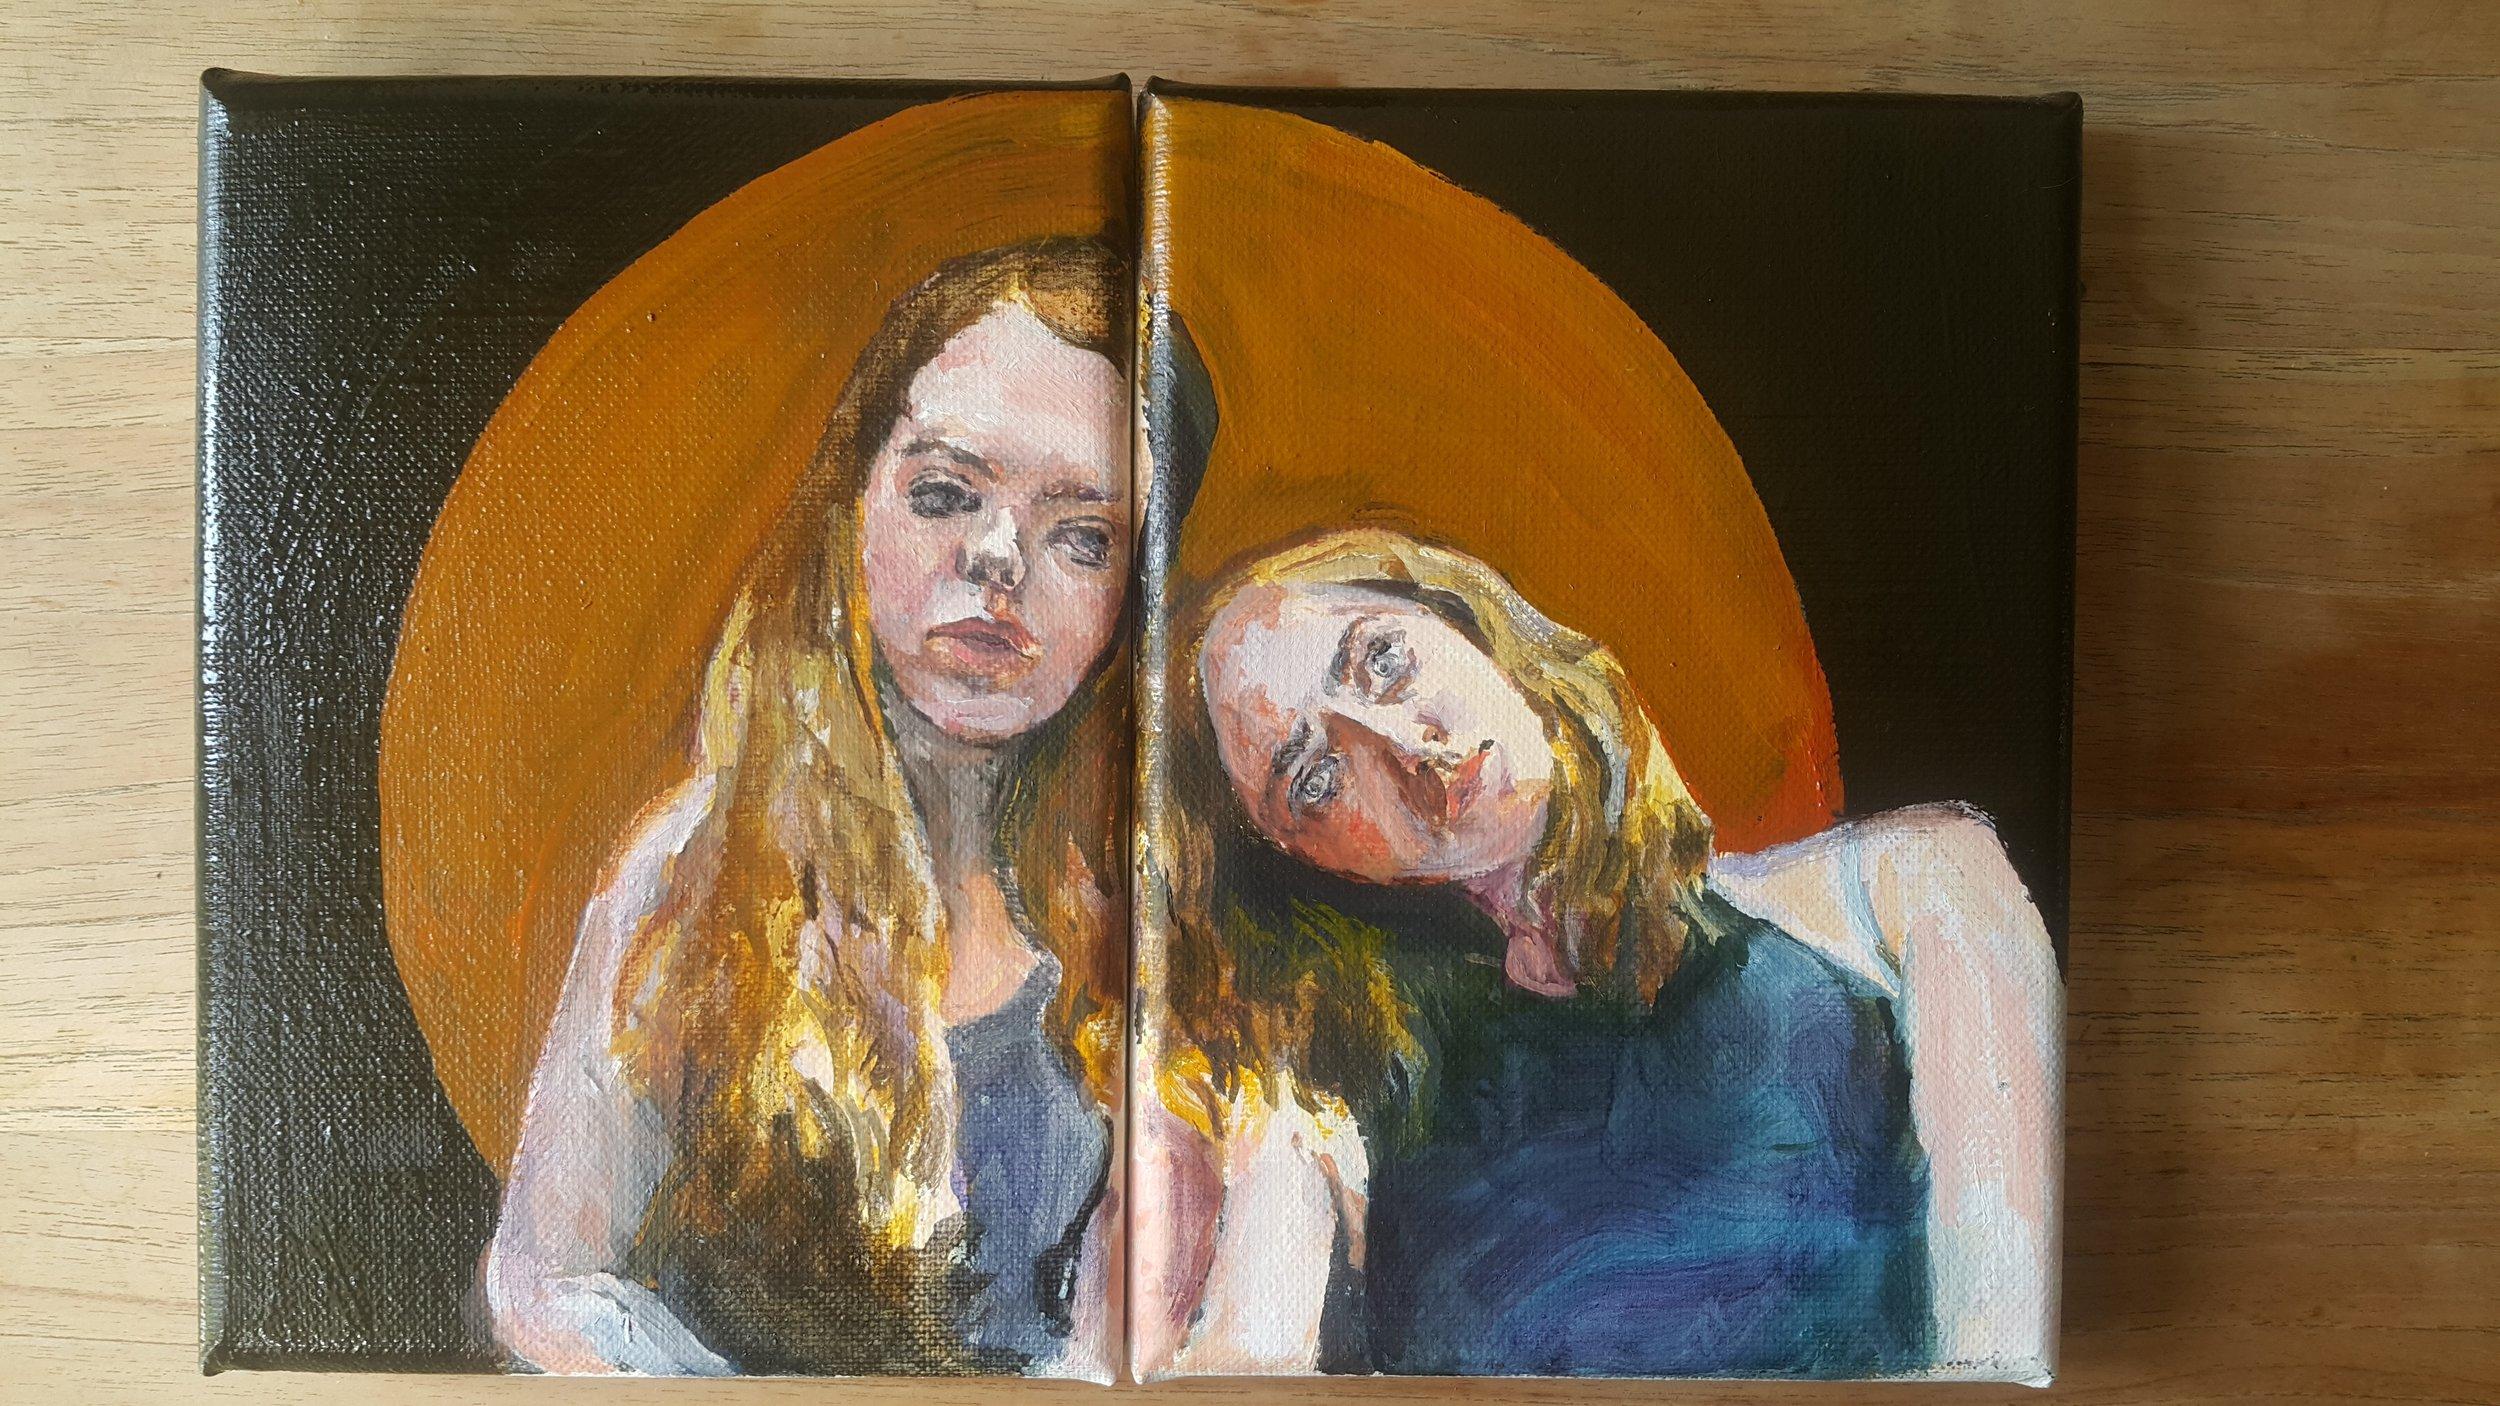 Anastasya & Lisa, 2016, oil on canvas